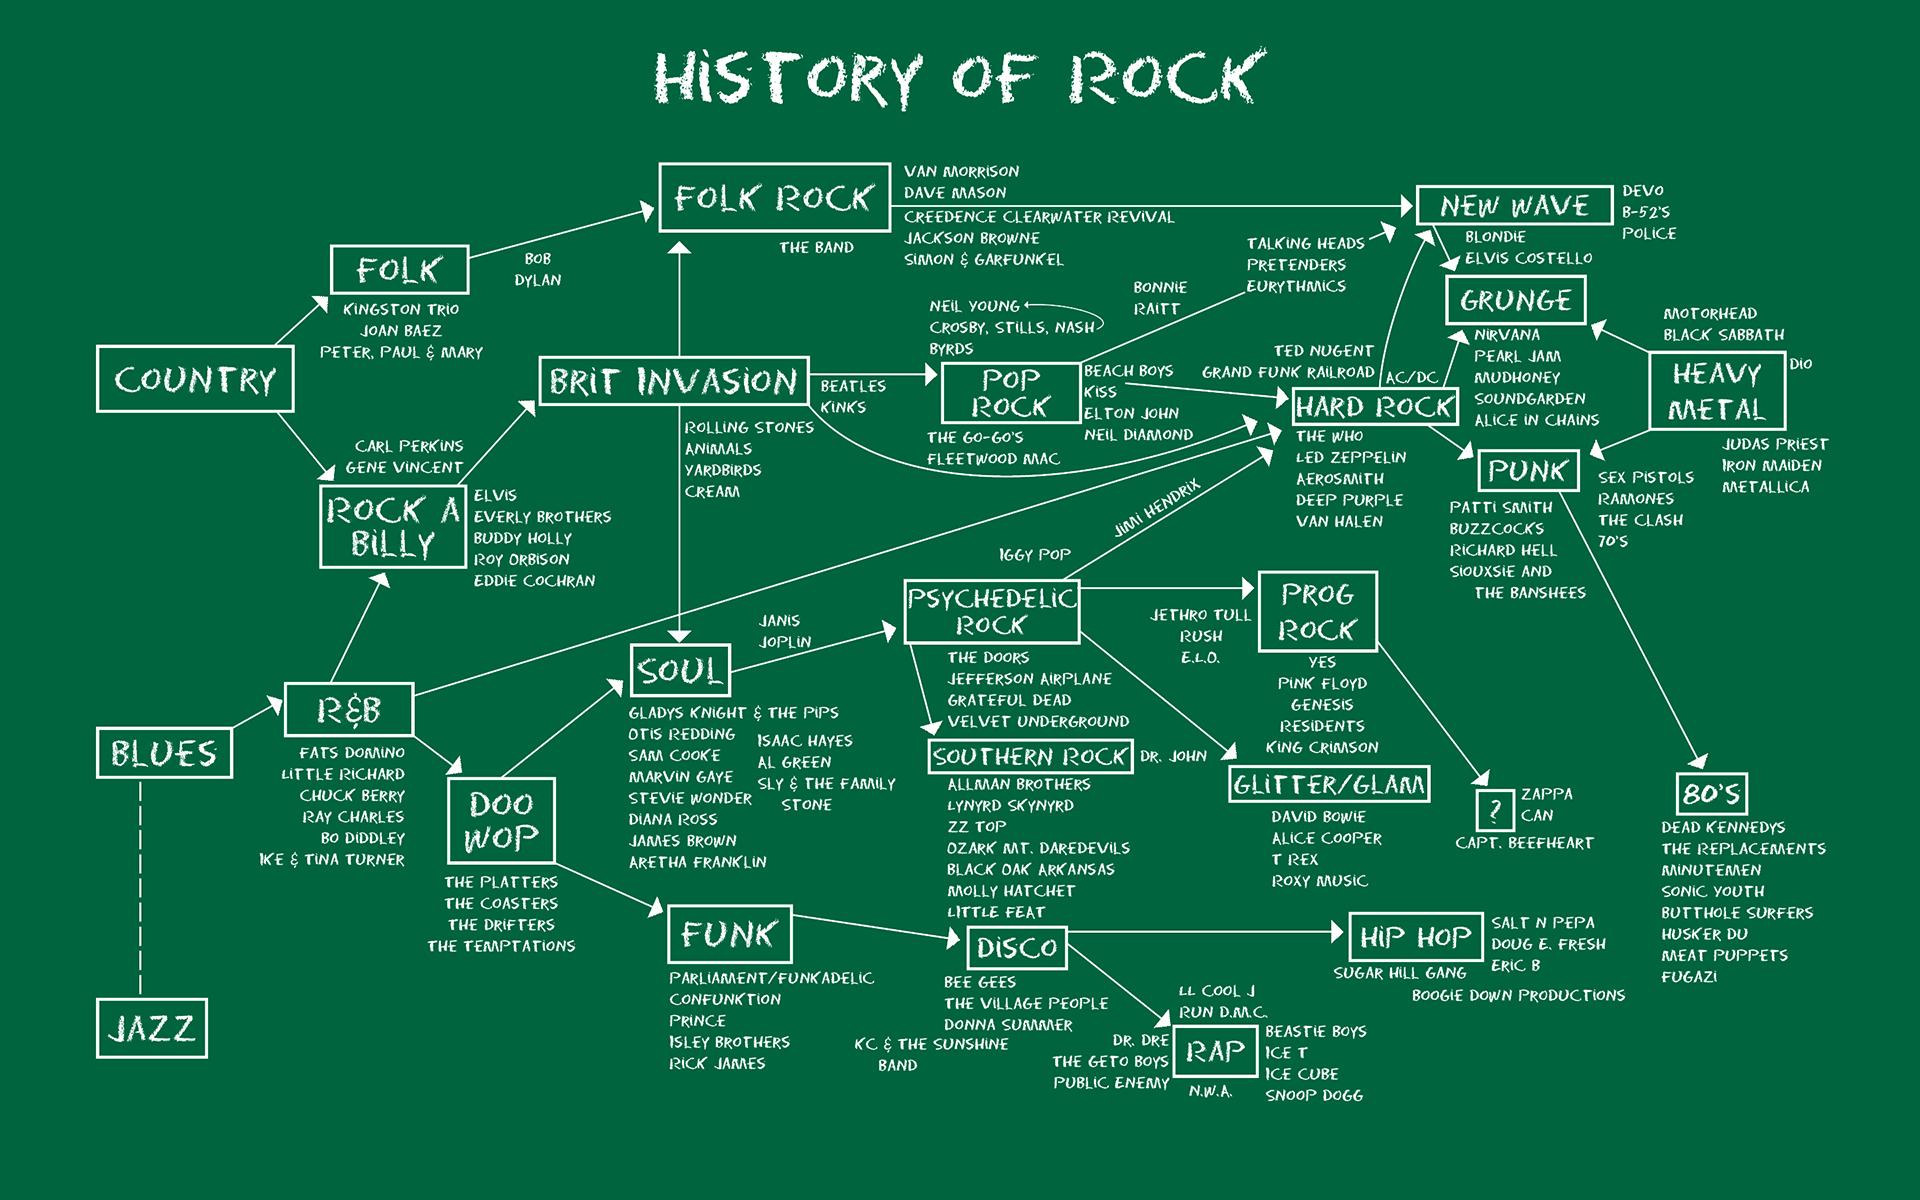 history-of-rock-chalkboard-16x10.jpg